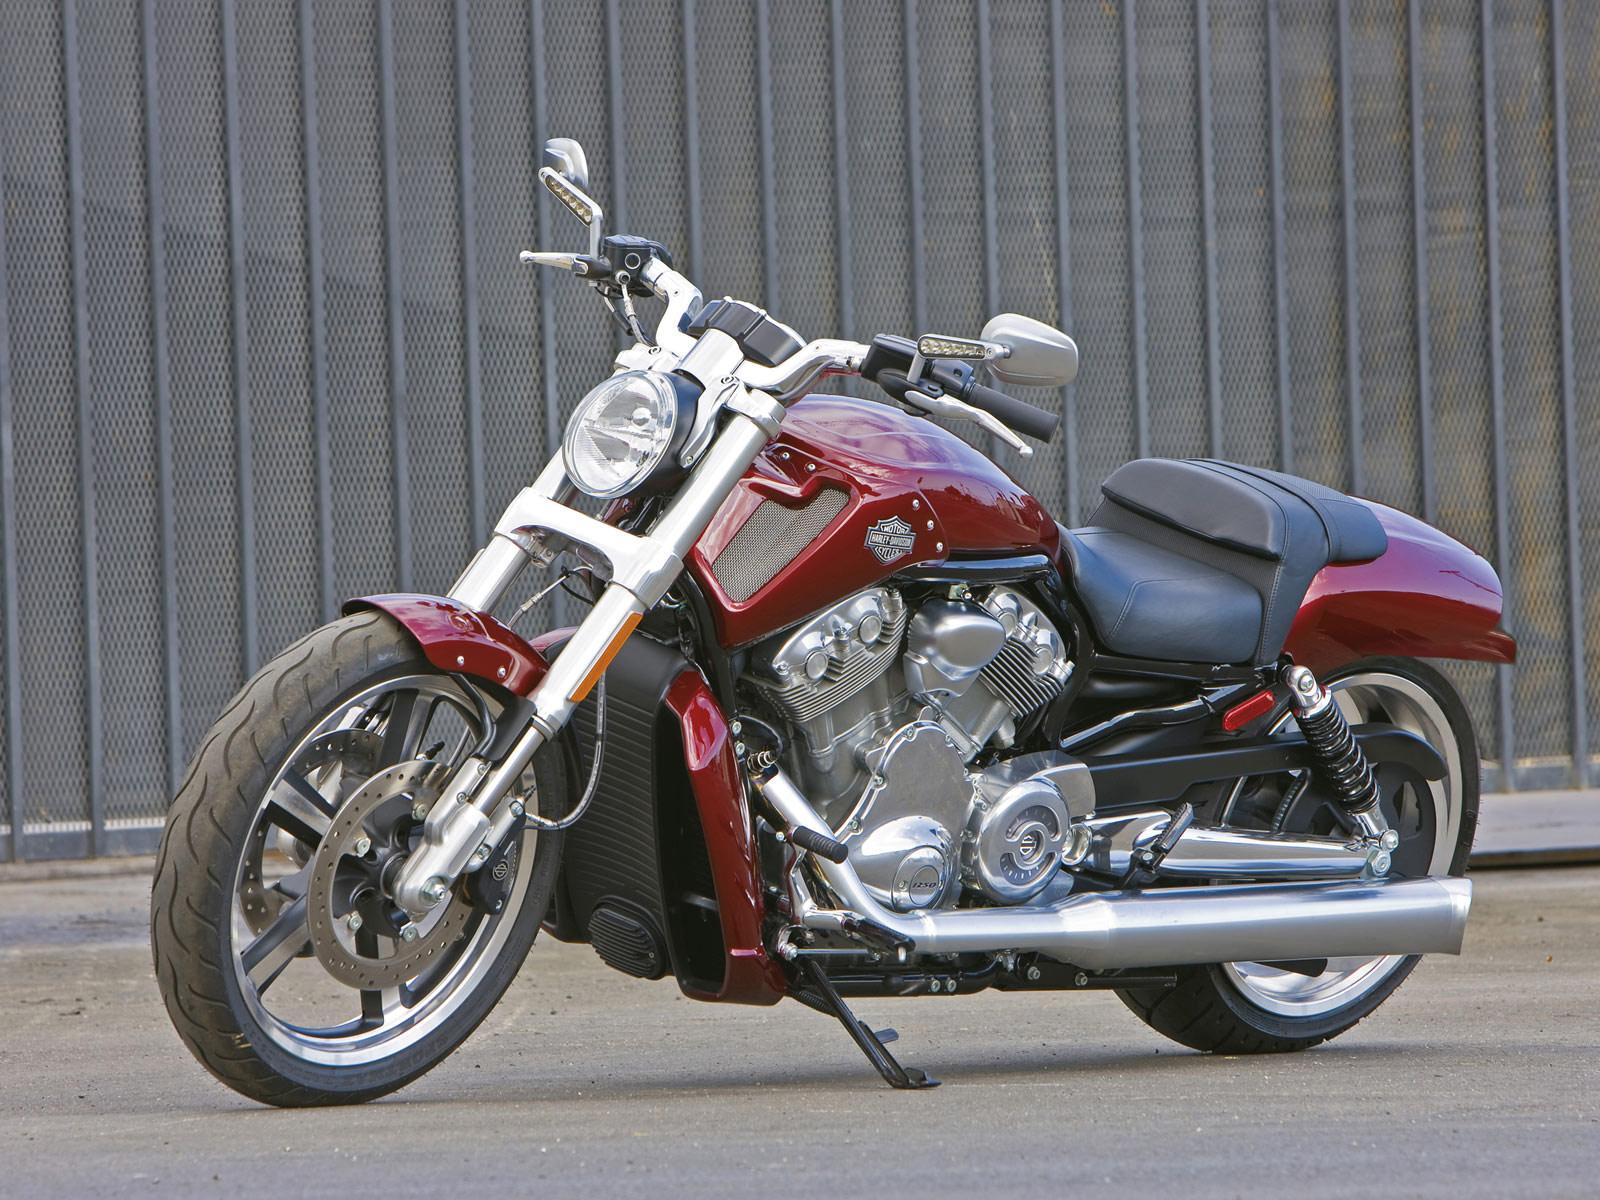 Harley Davidson Vrscf V Rod Muscle Picture 70097 Harley